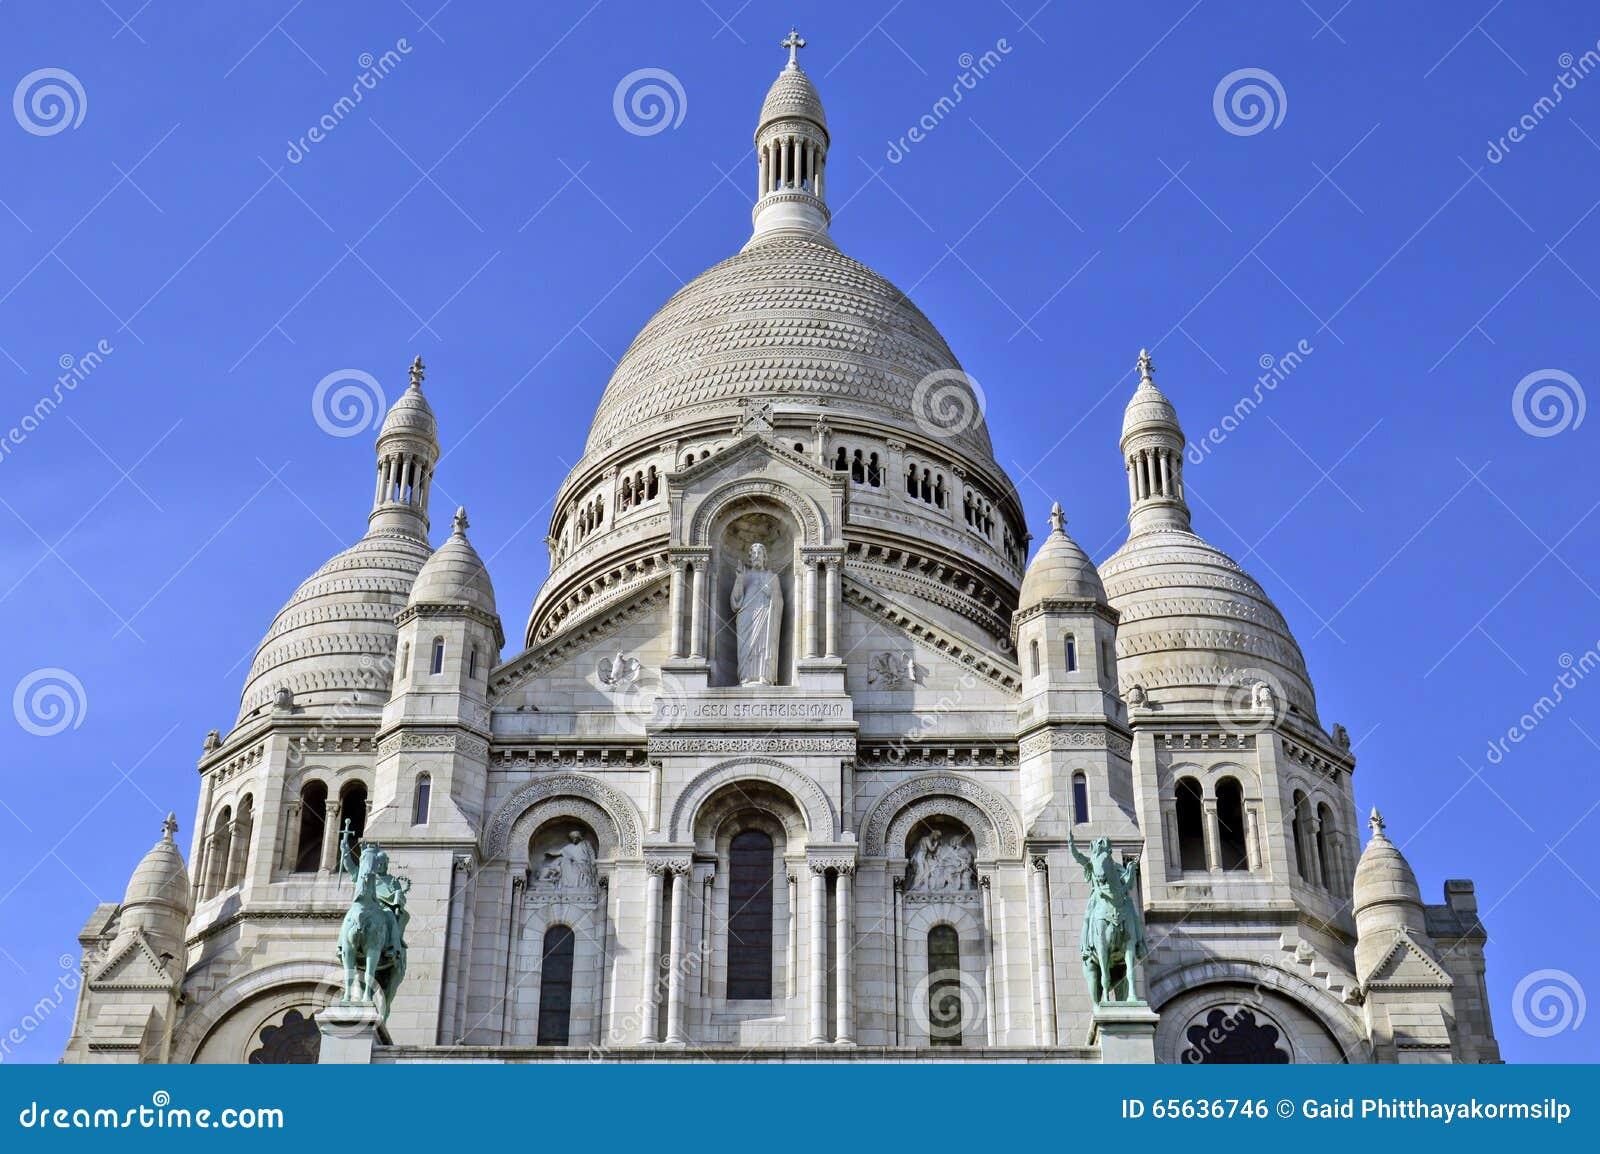 La basilique du coeur sacré de Paris